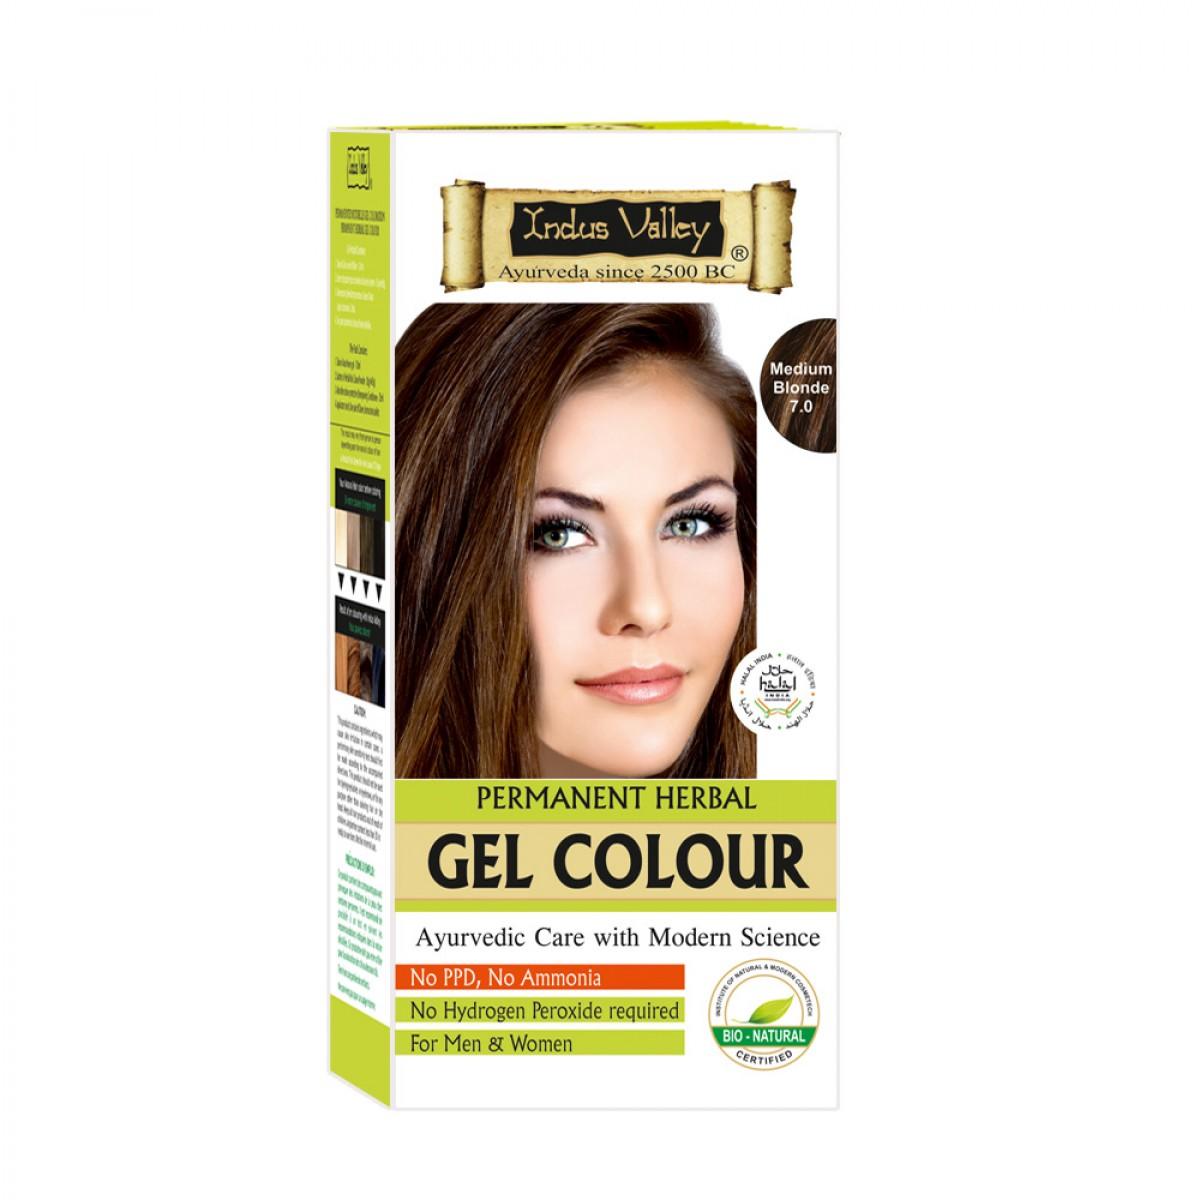 Indus Valley Parmanent Gel Herbal Medium Blonde Gentle Hair Color